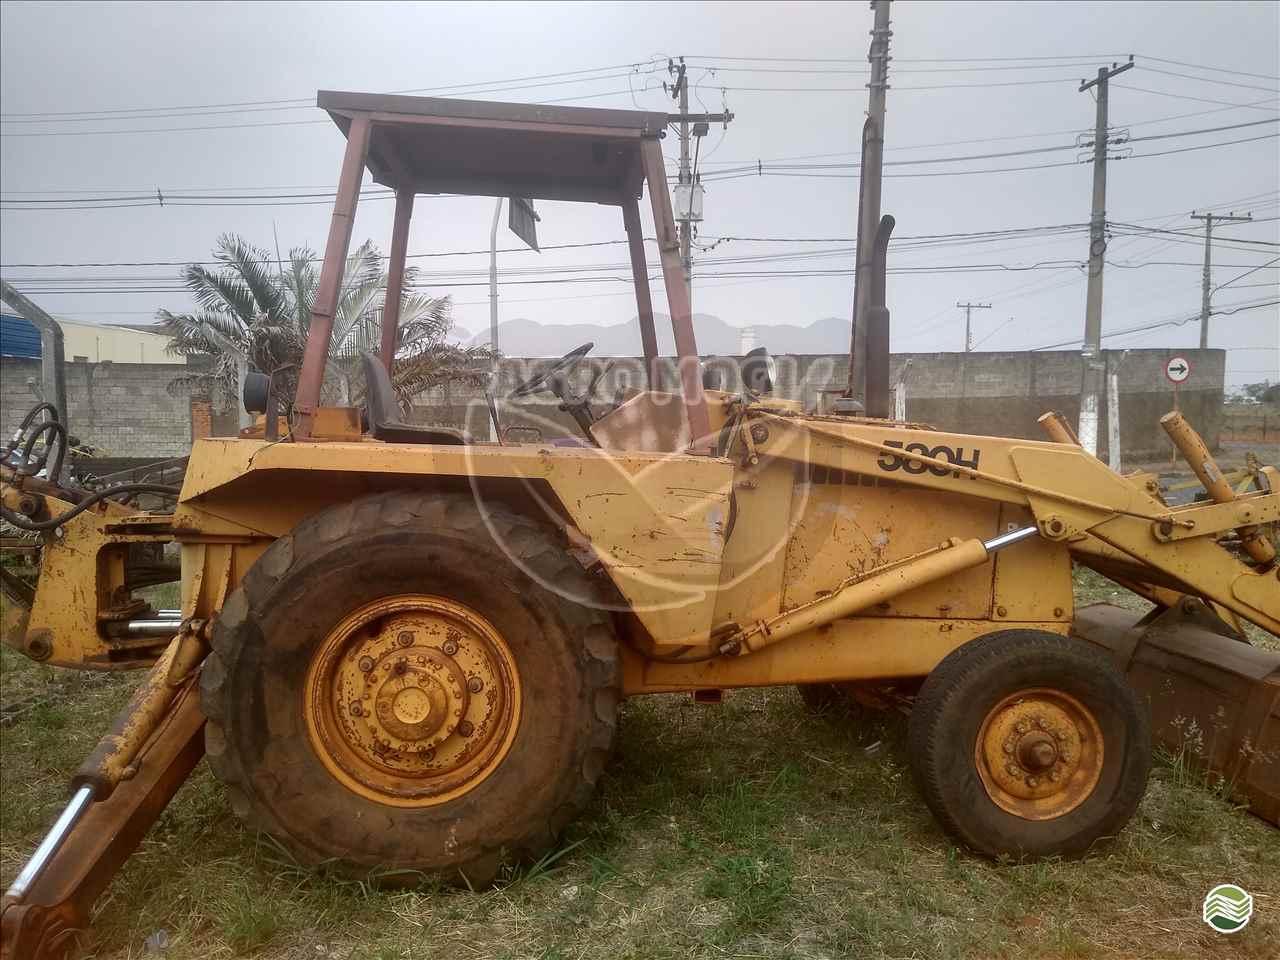 RETRO ESCAVADEIRA CASE 580H Tração 4x2 Agro Mogi Peças e Equipamentos Agrícolas MOGI-MIRIM SÃO PAULO SP